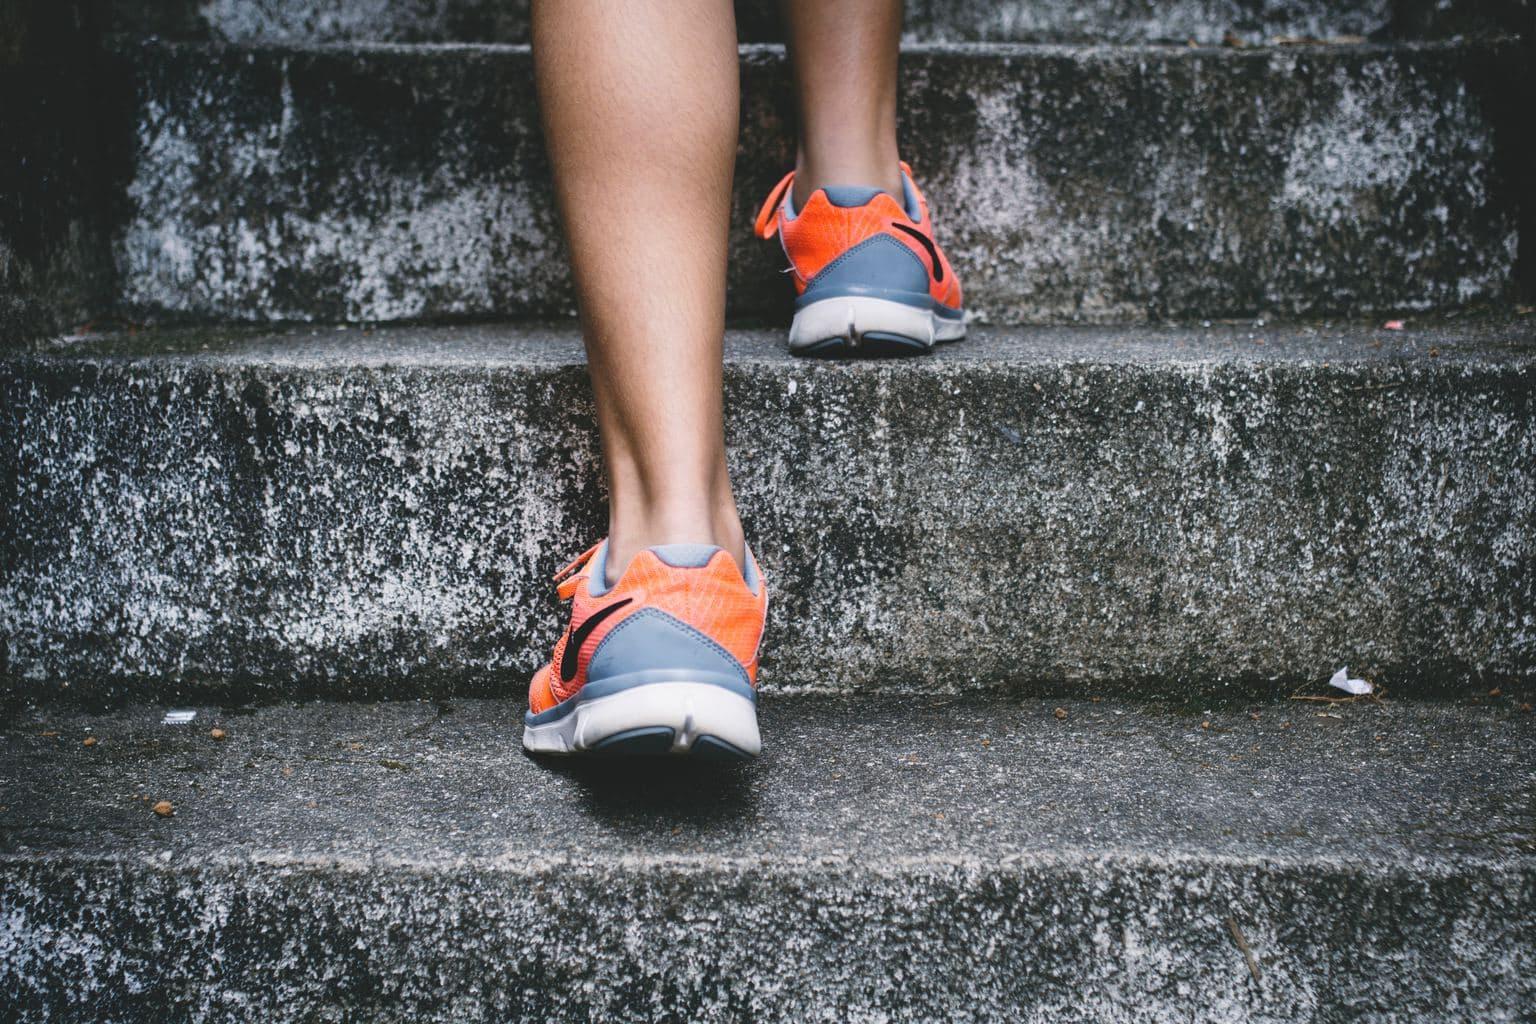 fotografía de unas piernas subiendo escaleras